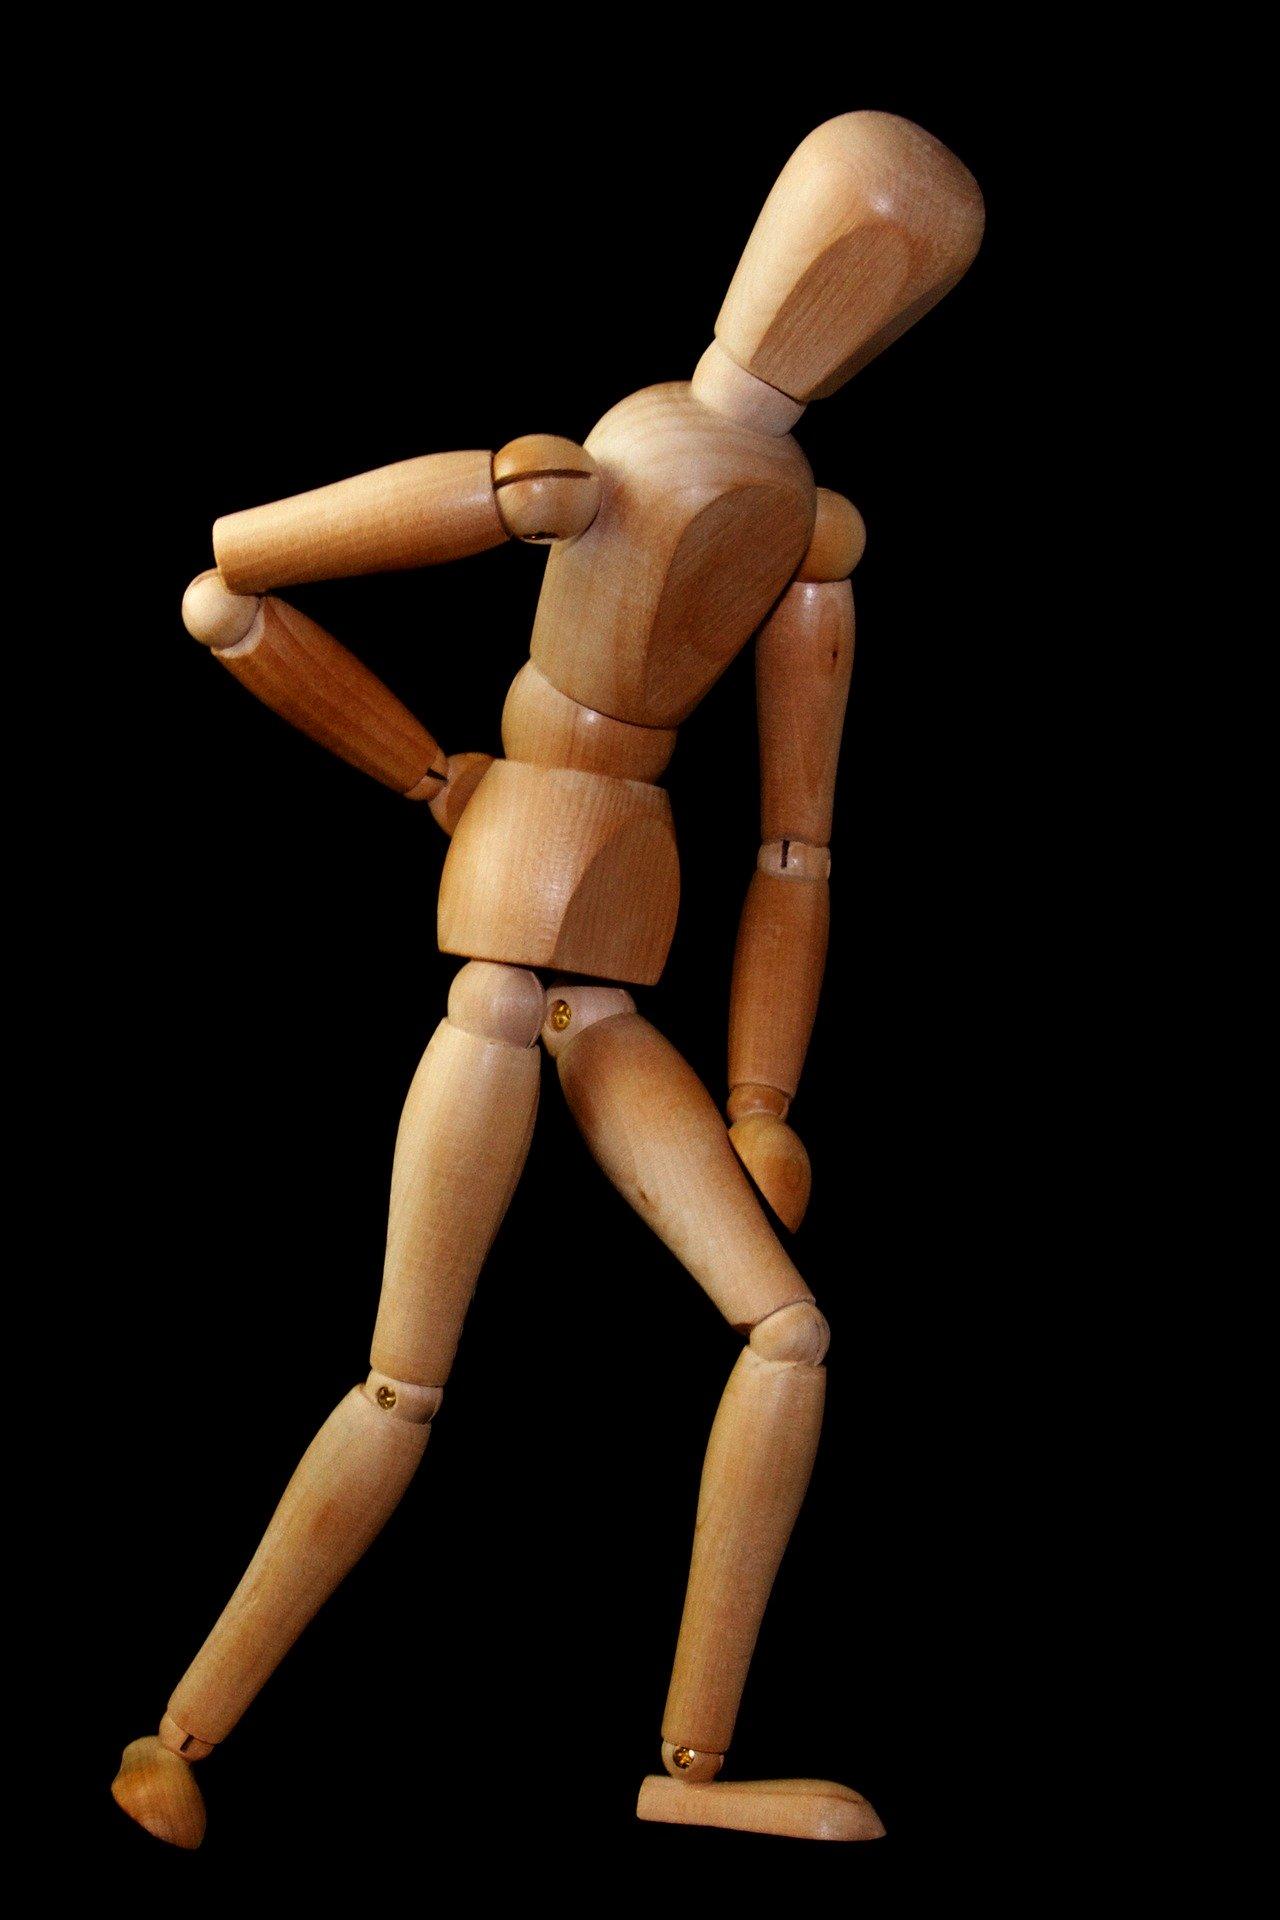 Klinika ortopedyczna – leczenie narządu ruchu